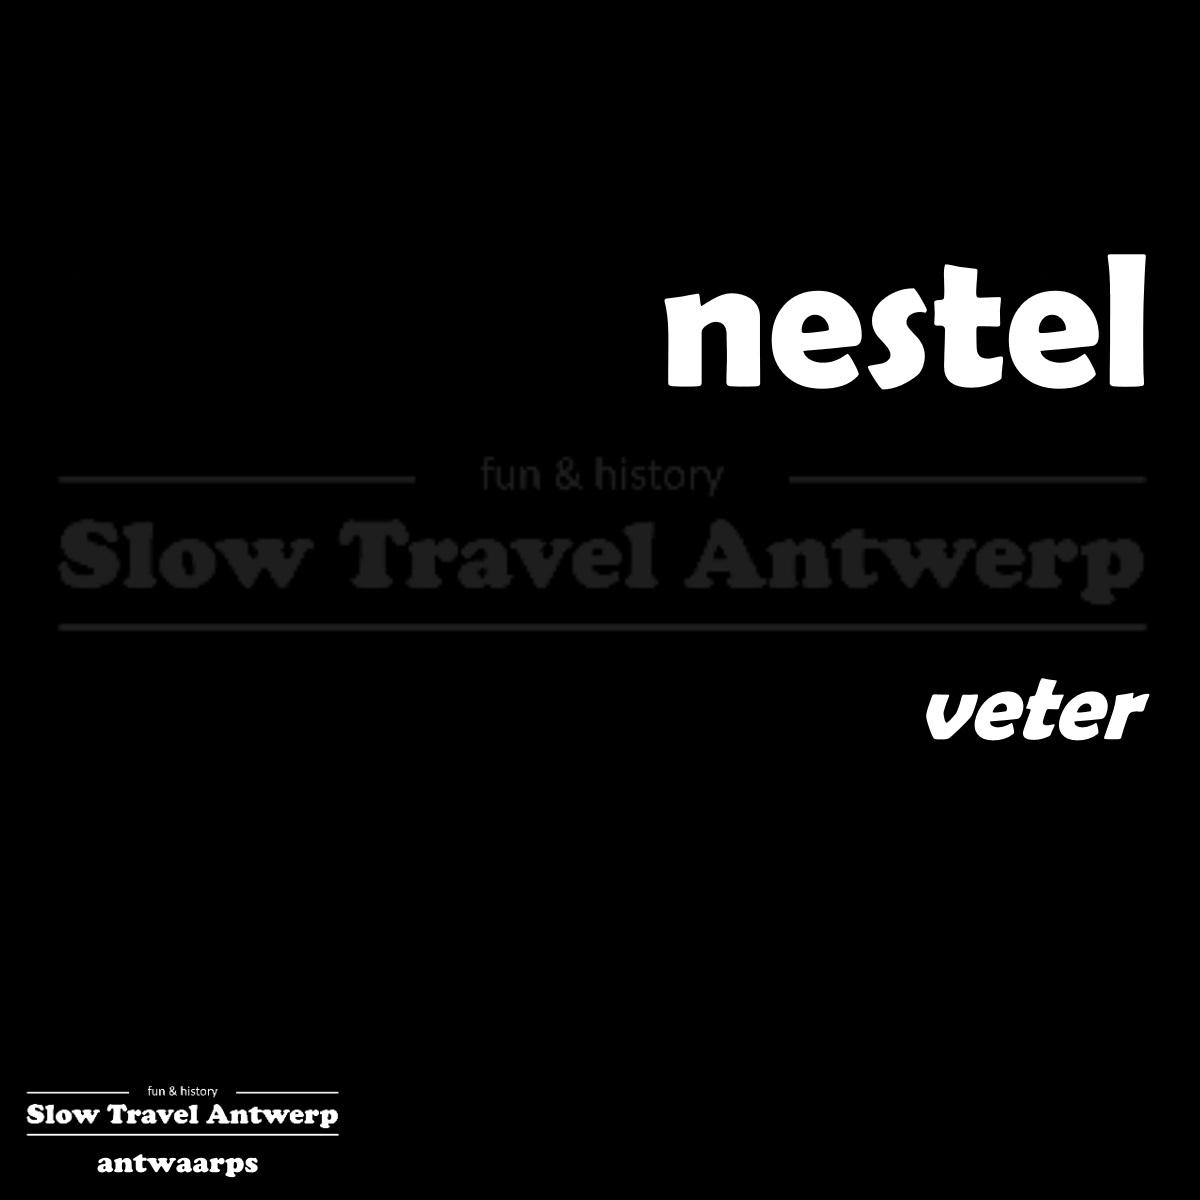 nestel – veter – shoelace